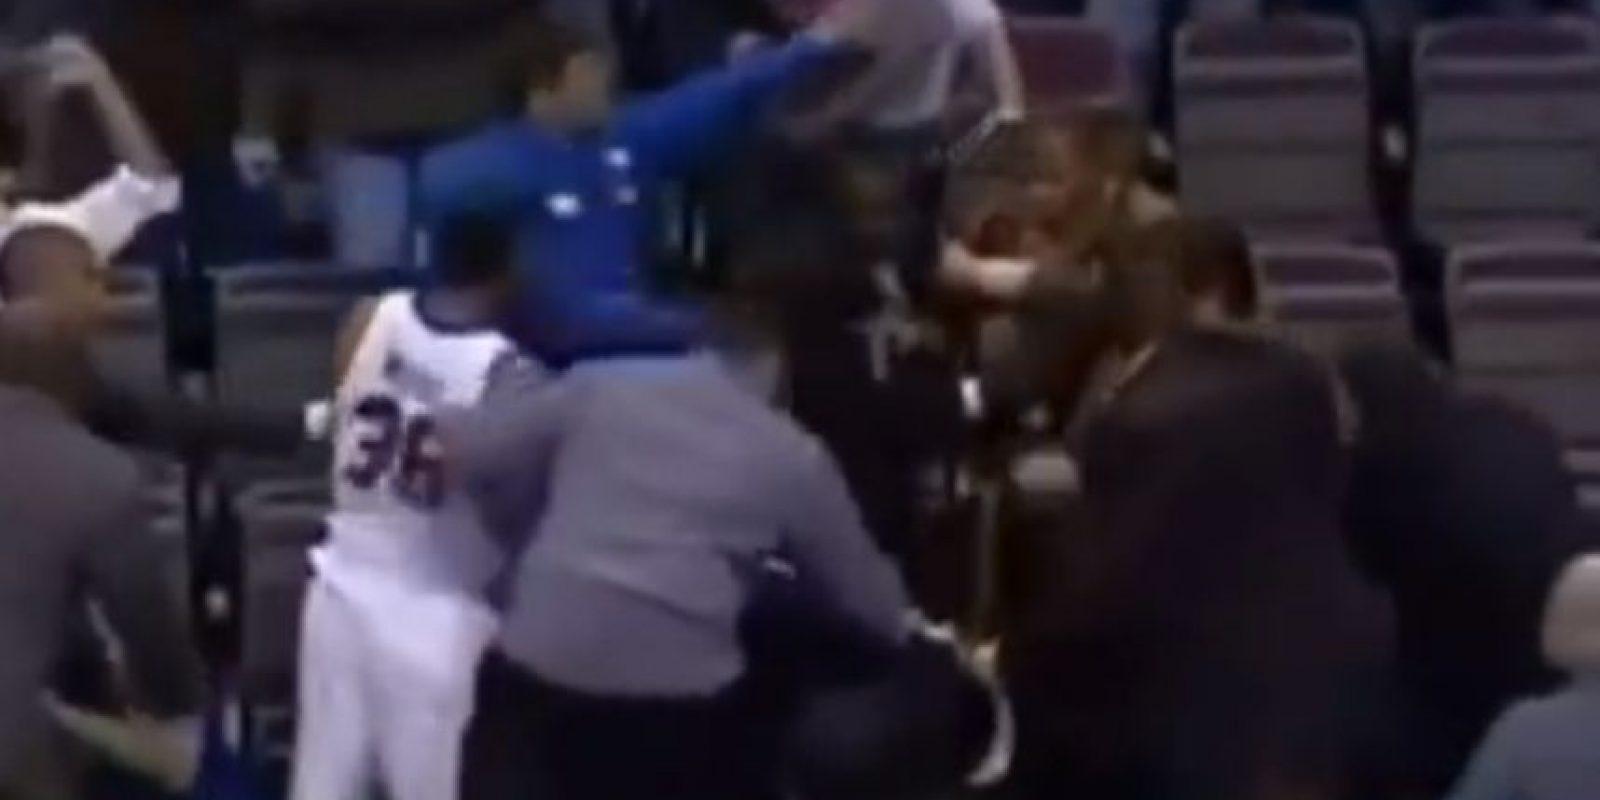 Ron Artest se molestó con un aficionado que le aventó refresco y subió a las tribunas a golpearlo Foto:Youtube: Televomero Sport